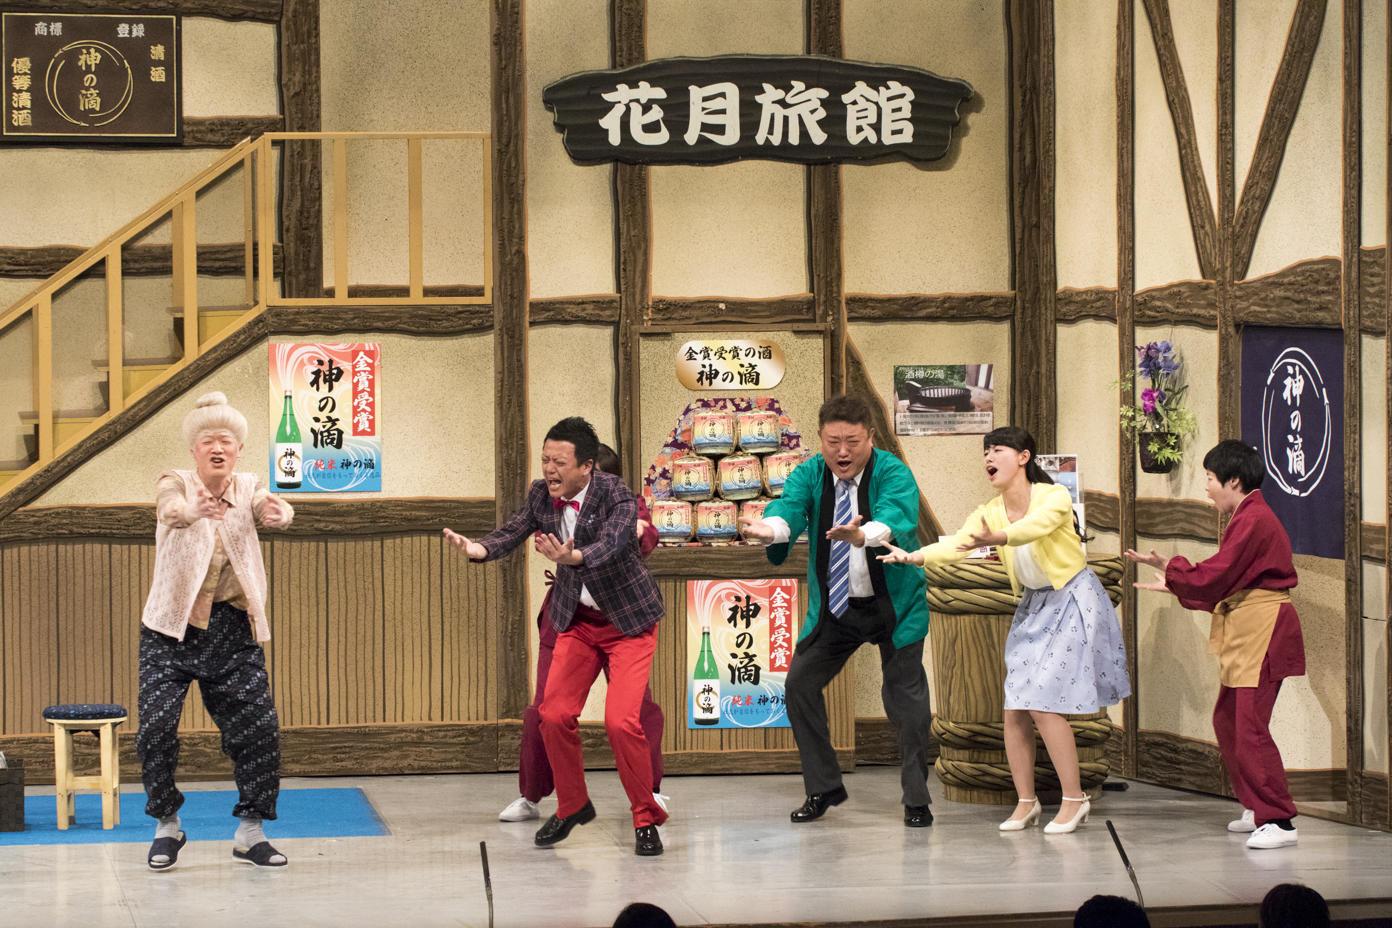 http://news.yoshimoto.co.jp/20170422003556-e8e066adc0c764ba59b75f7bc0b513d1900da32b.jpg